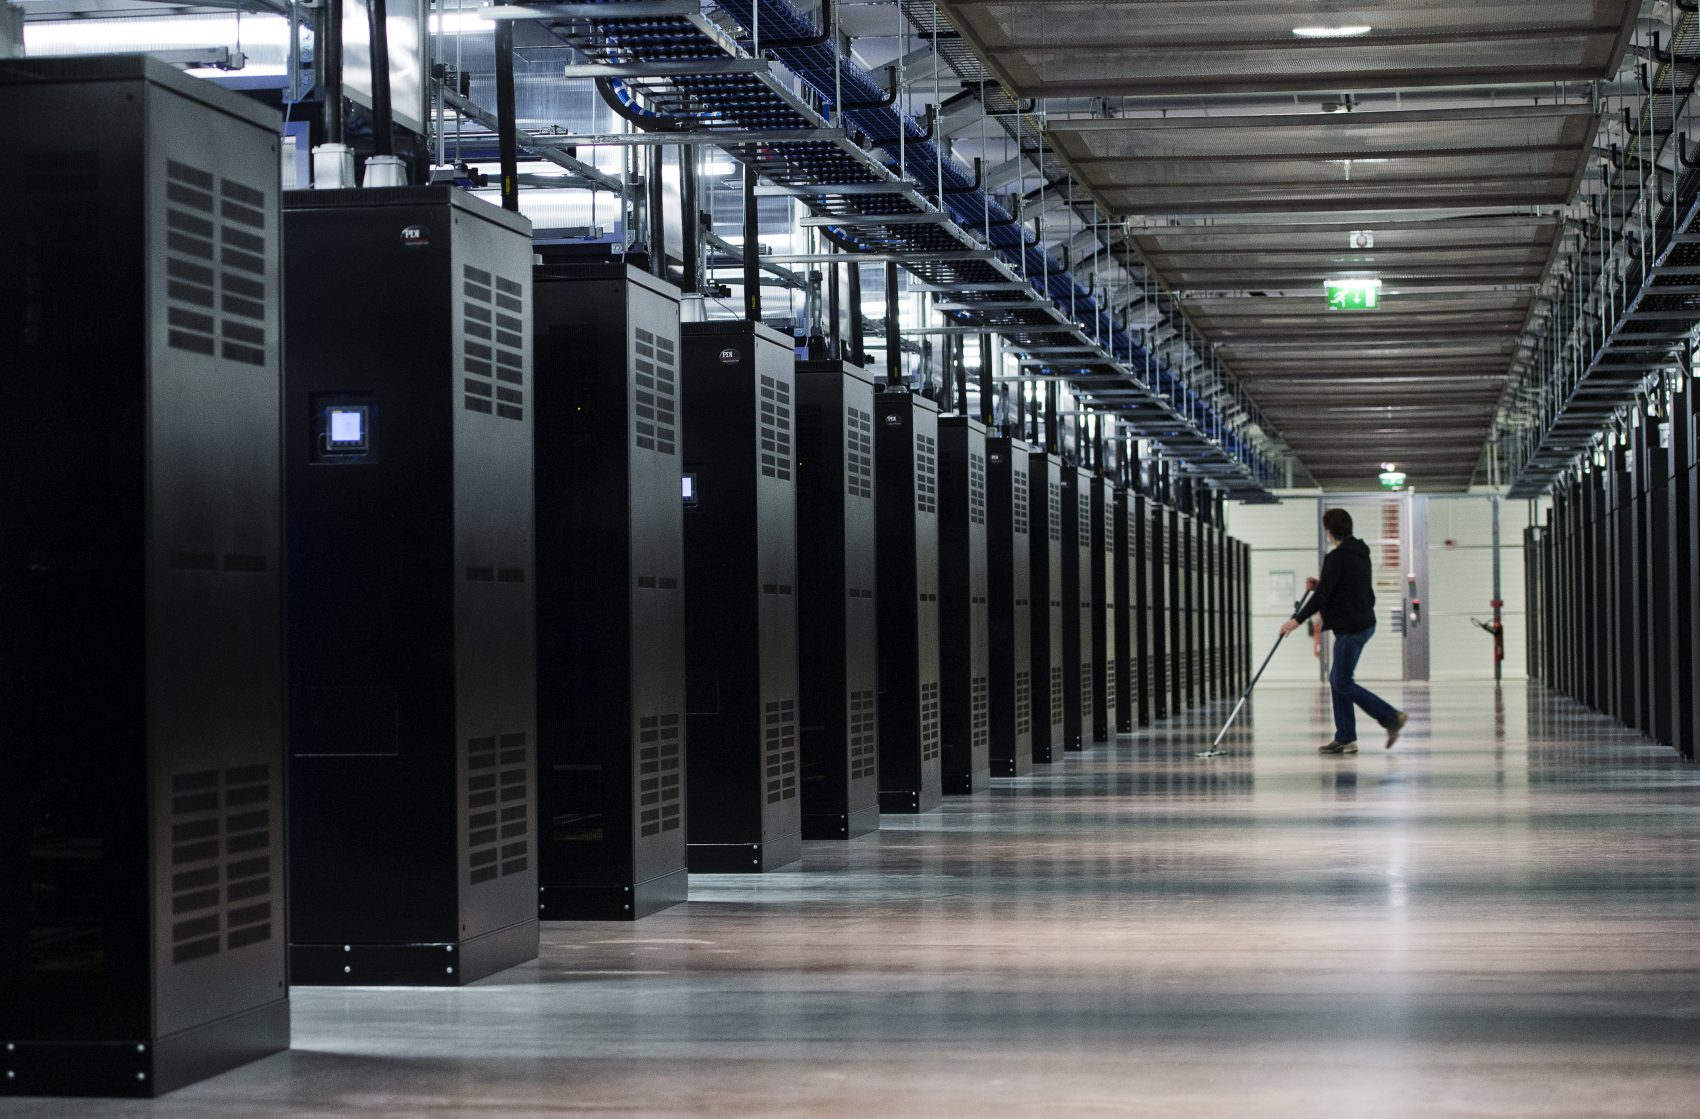 Servidores do Data Center do Facebook, na Suécia: Data Centers consomem metade da eletricidade utilizada em transportes no mundo e um por cento da demanda global (Foto: Jonathan Nackstrand/AFP)